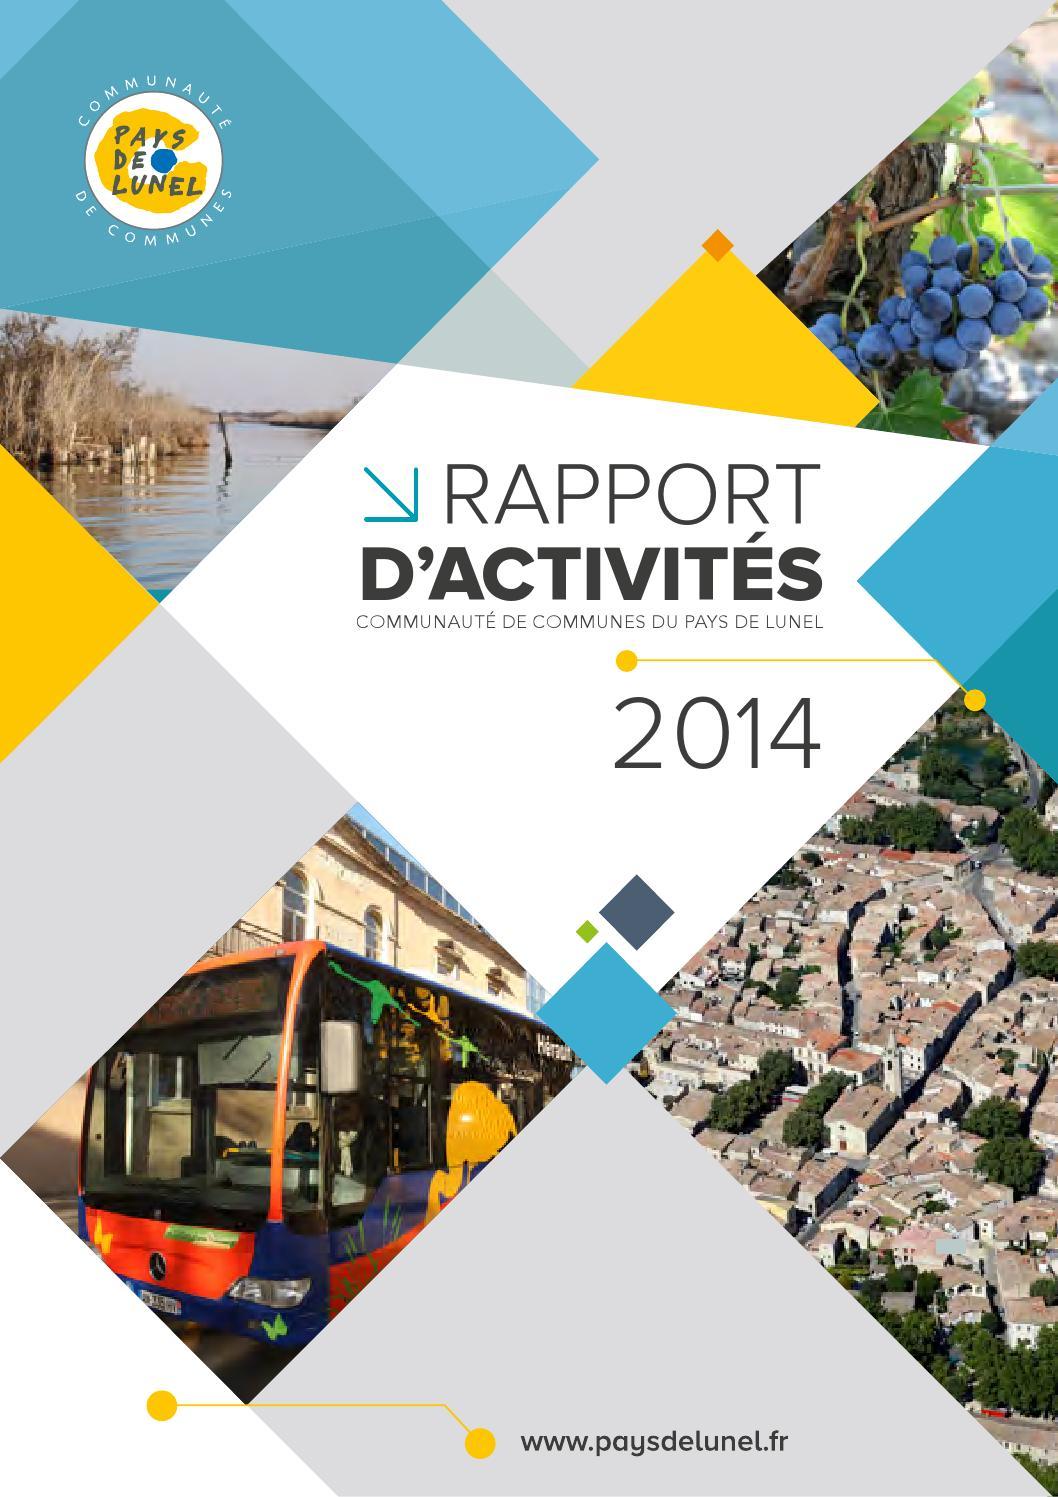 Rapport d 39 activites 2014 de la communaut de communes du pays de lunel by pays de lunel issuu - Office du tourisme de lunel ...